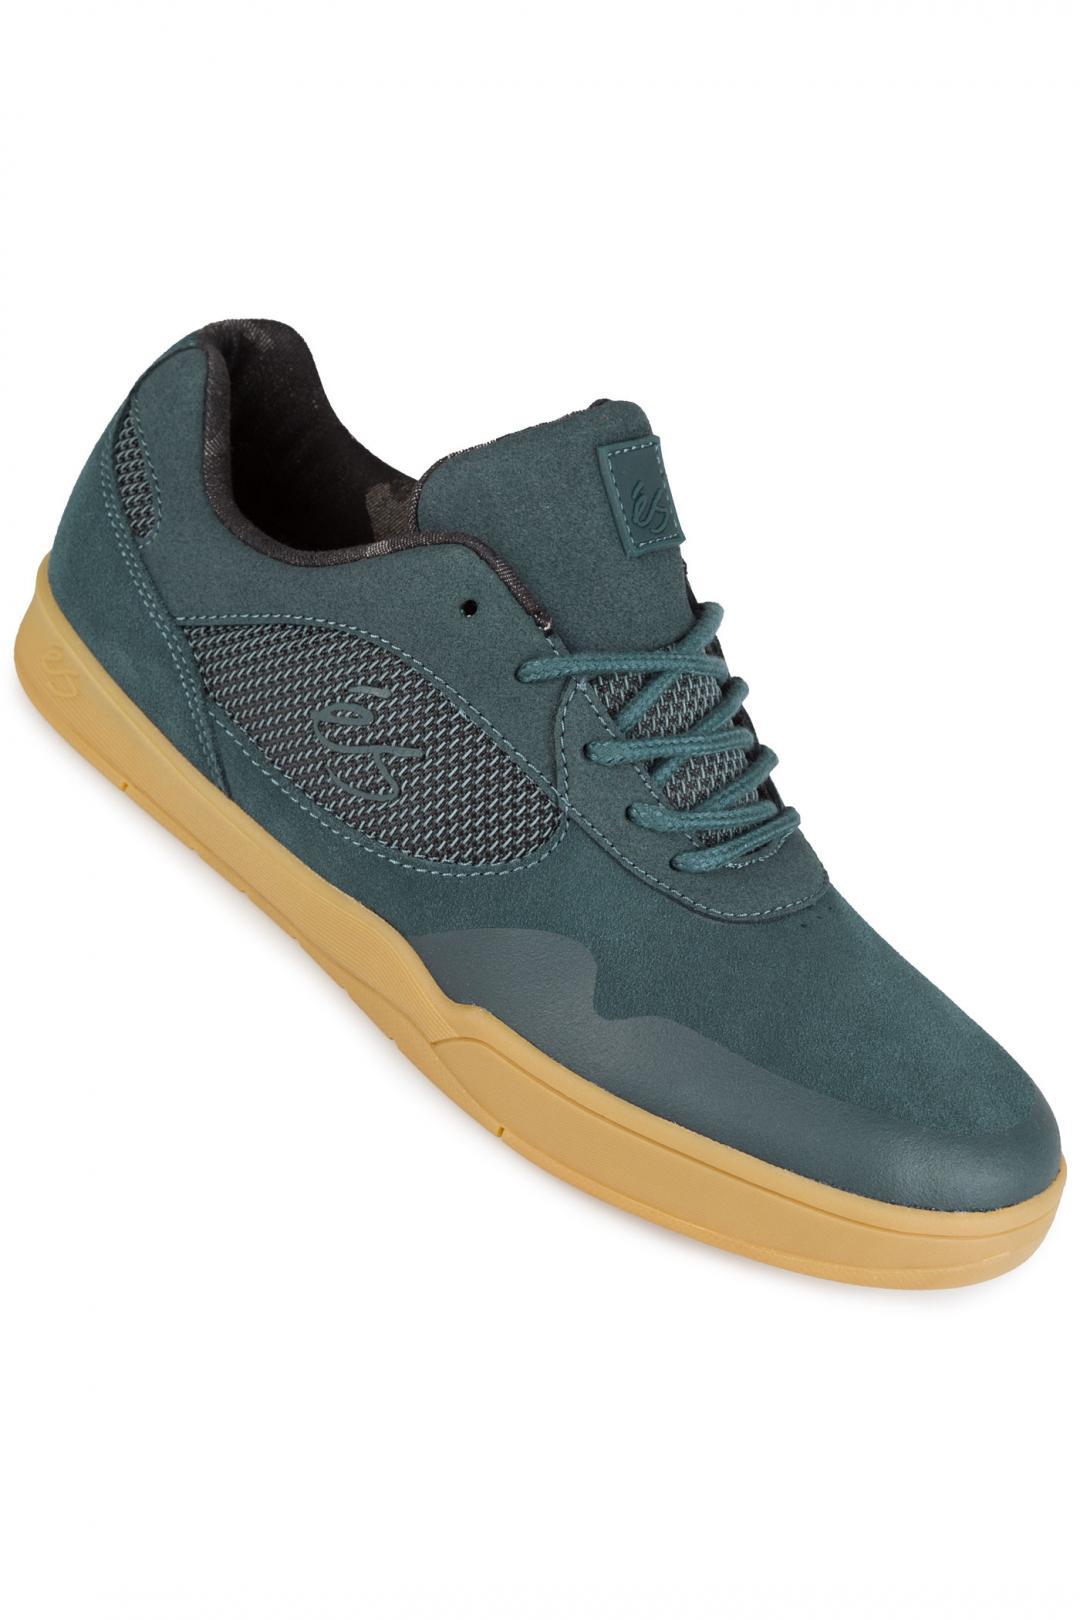 Uomo éS Swift grey gum | Sneakers low top